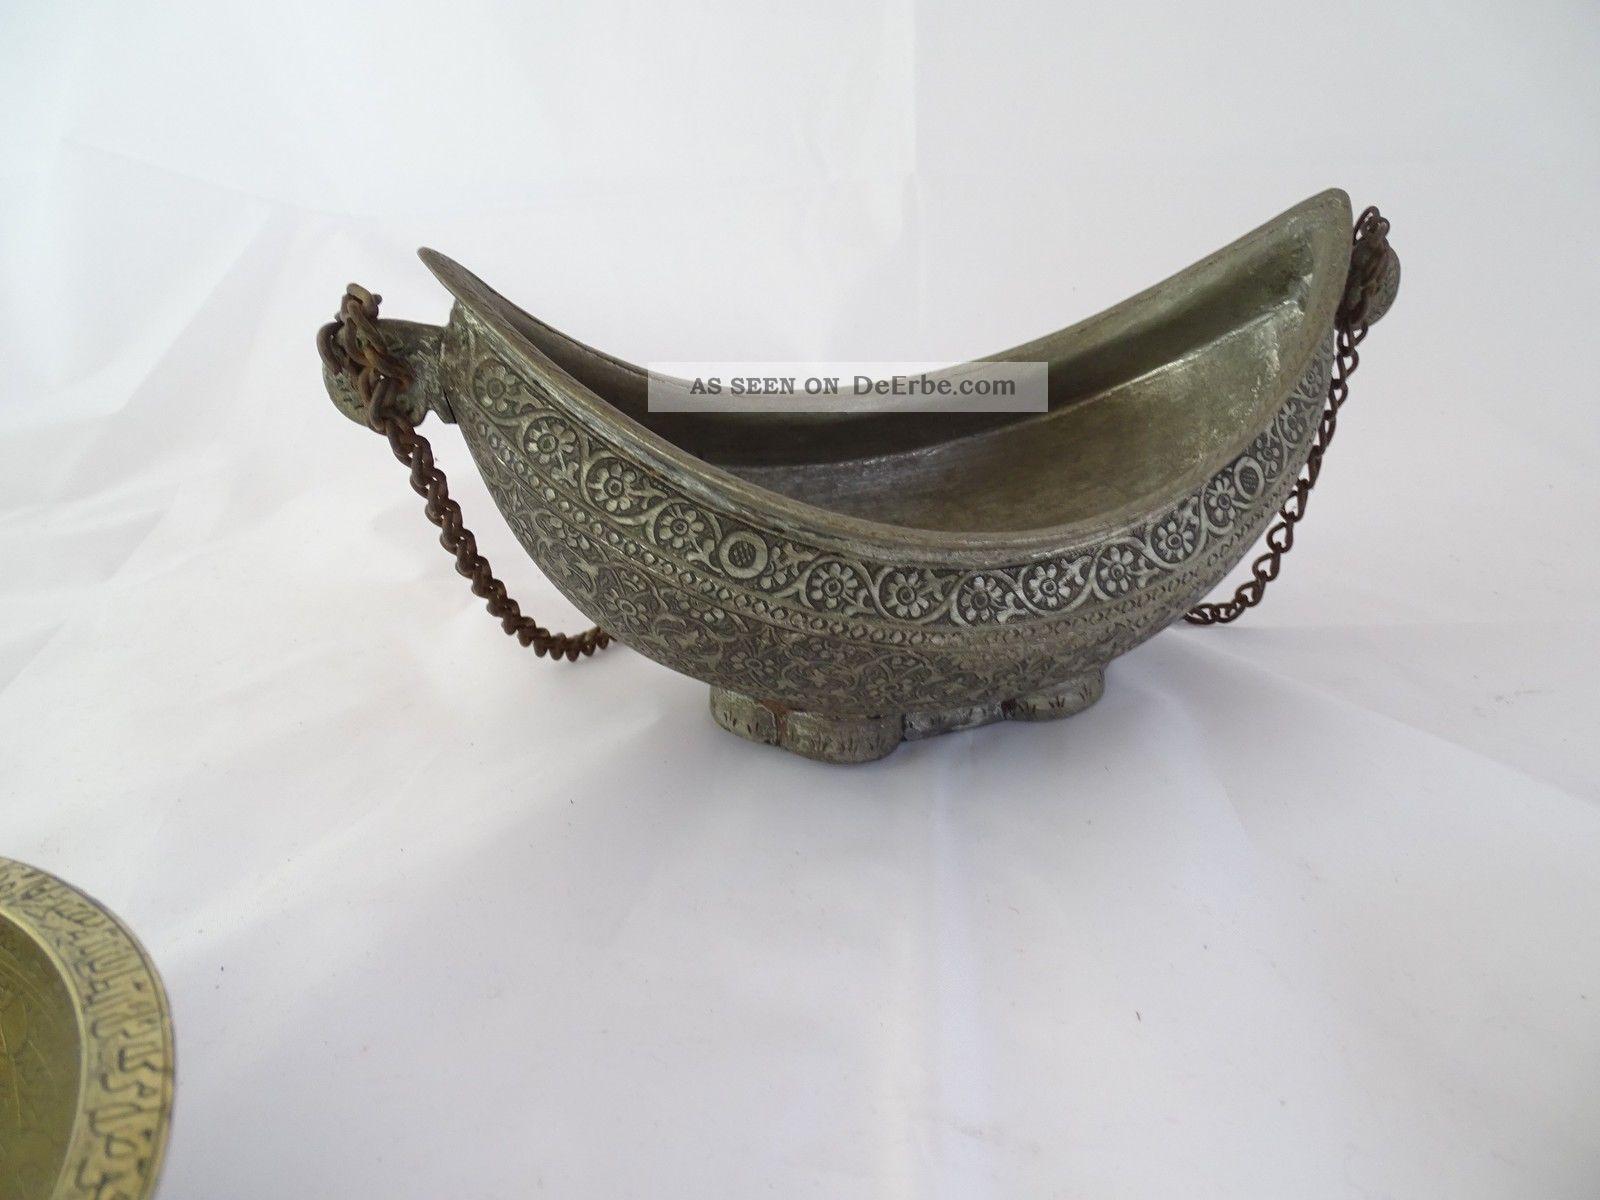 Konvolut 4 Antiker Orientalischer Gefäße Schale Form Schüssel Herrlich Verziert Islamische Kunst Bild